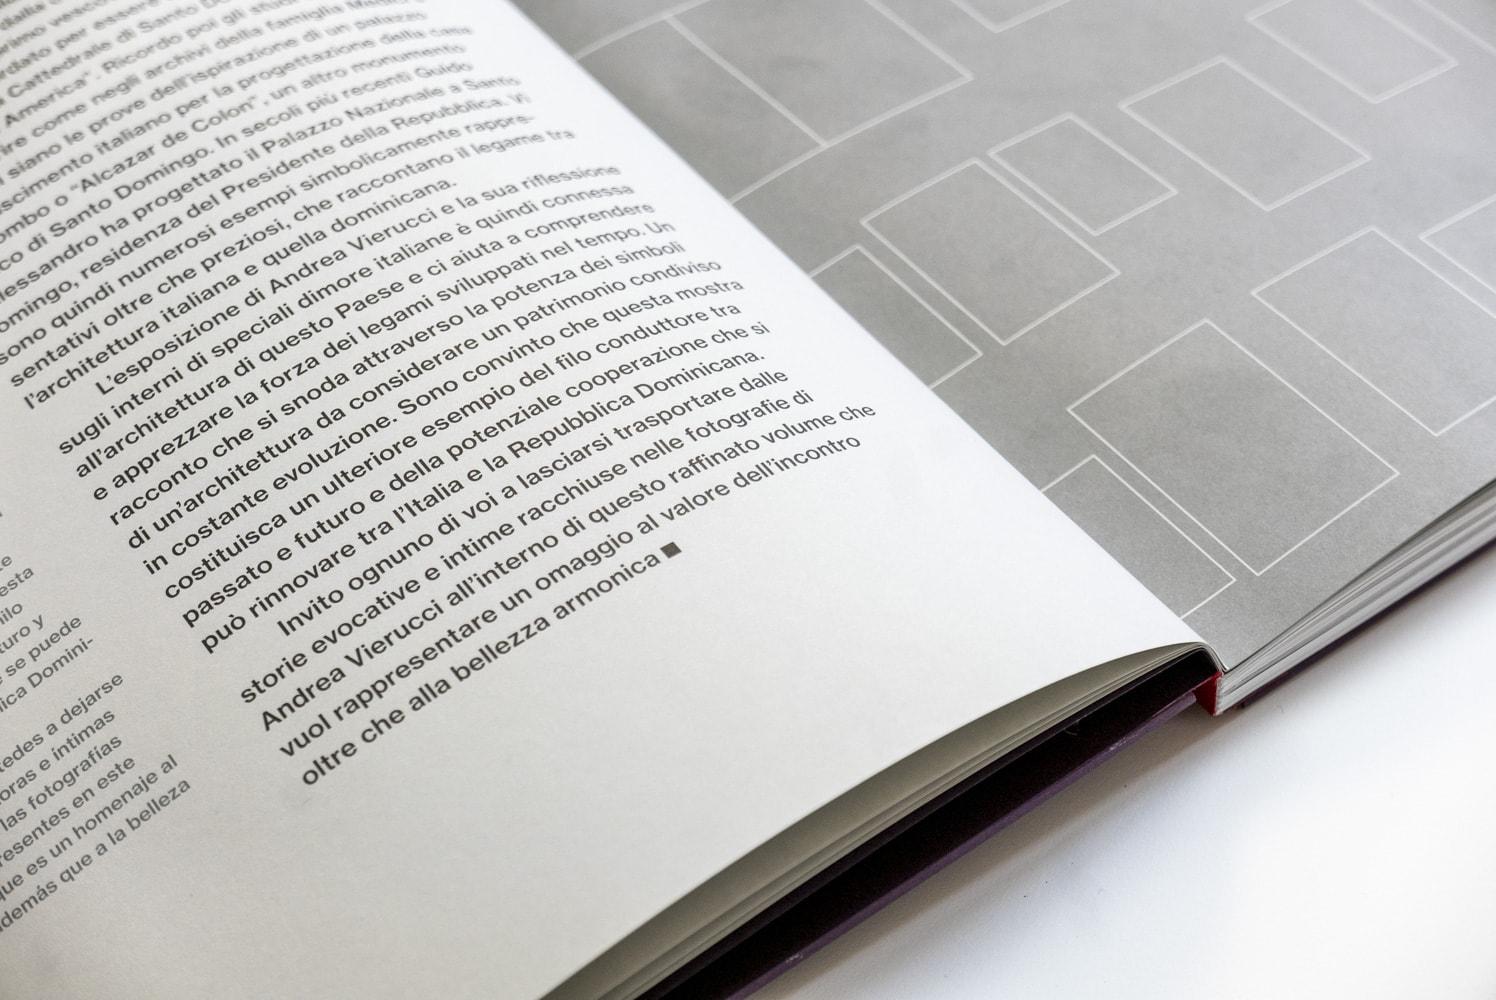 Storie Italiane. Fotogrammi di interni e architetture d'autore / Andrea Vierucci